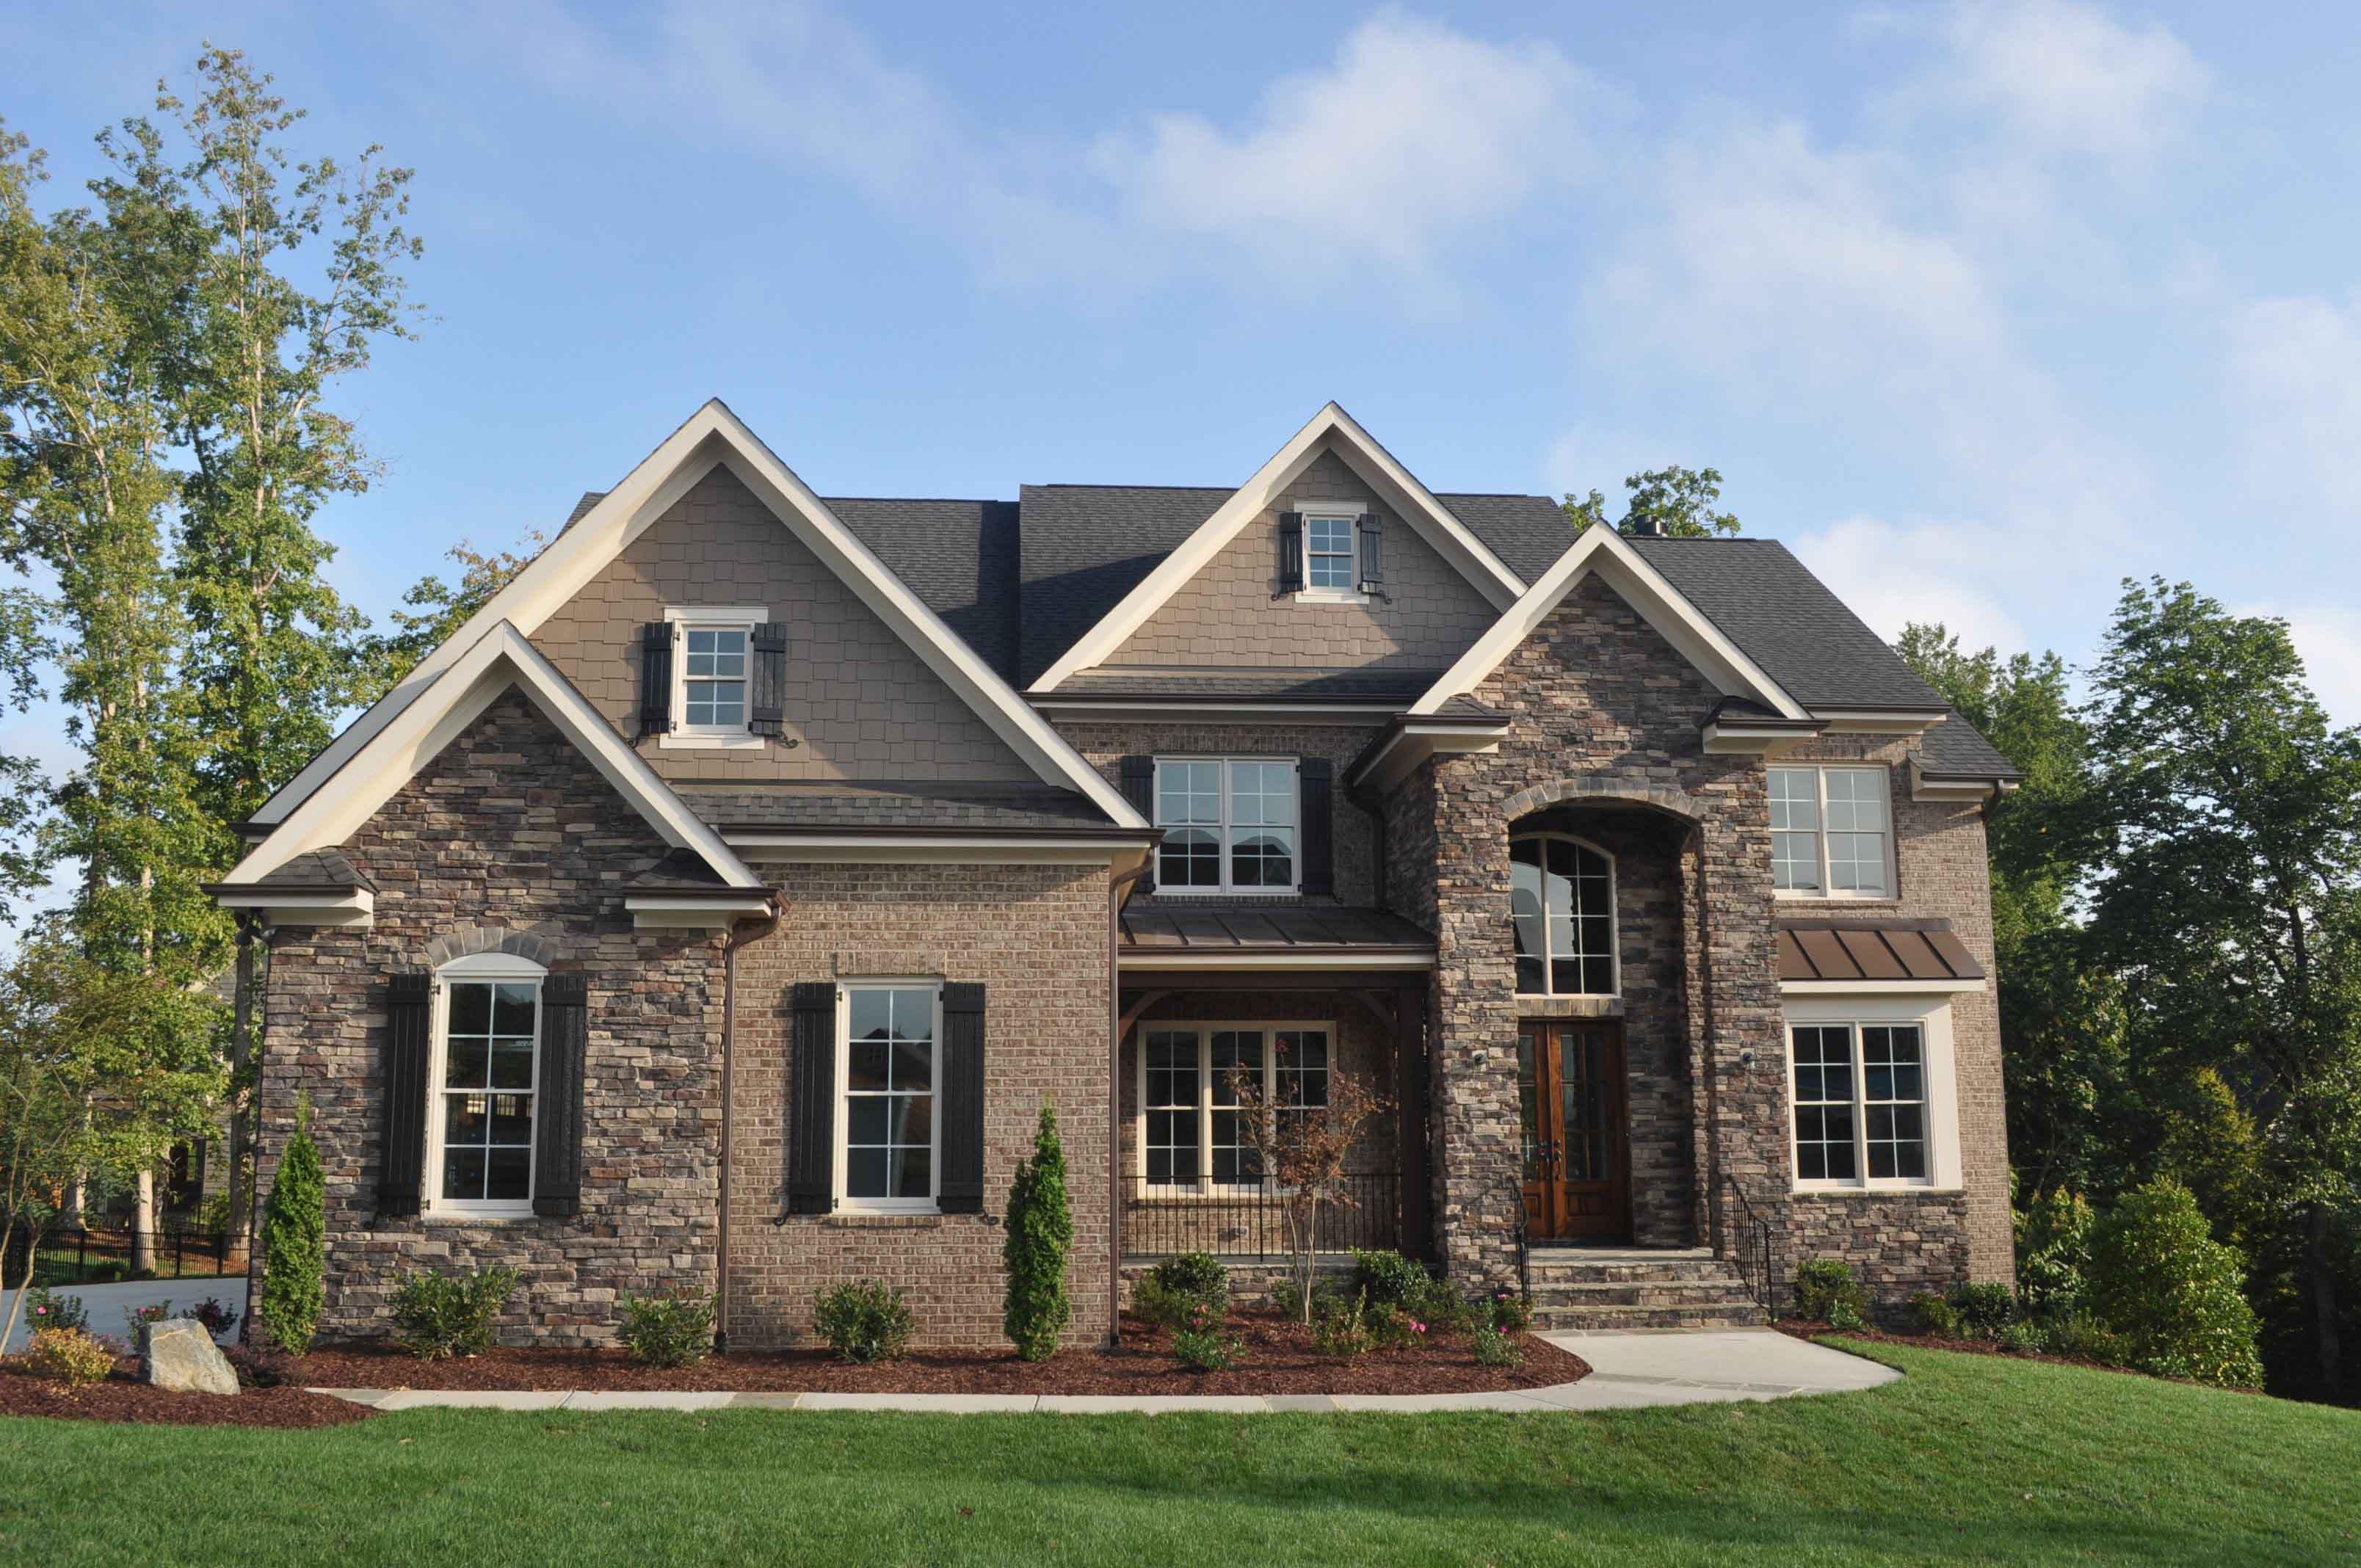 Cote immobilière évaluateurs agréés